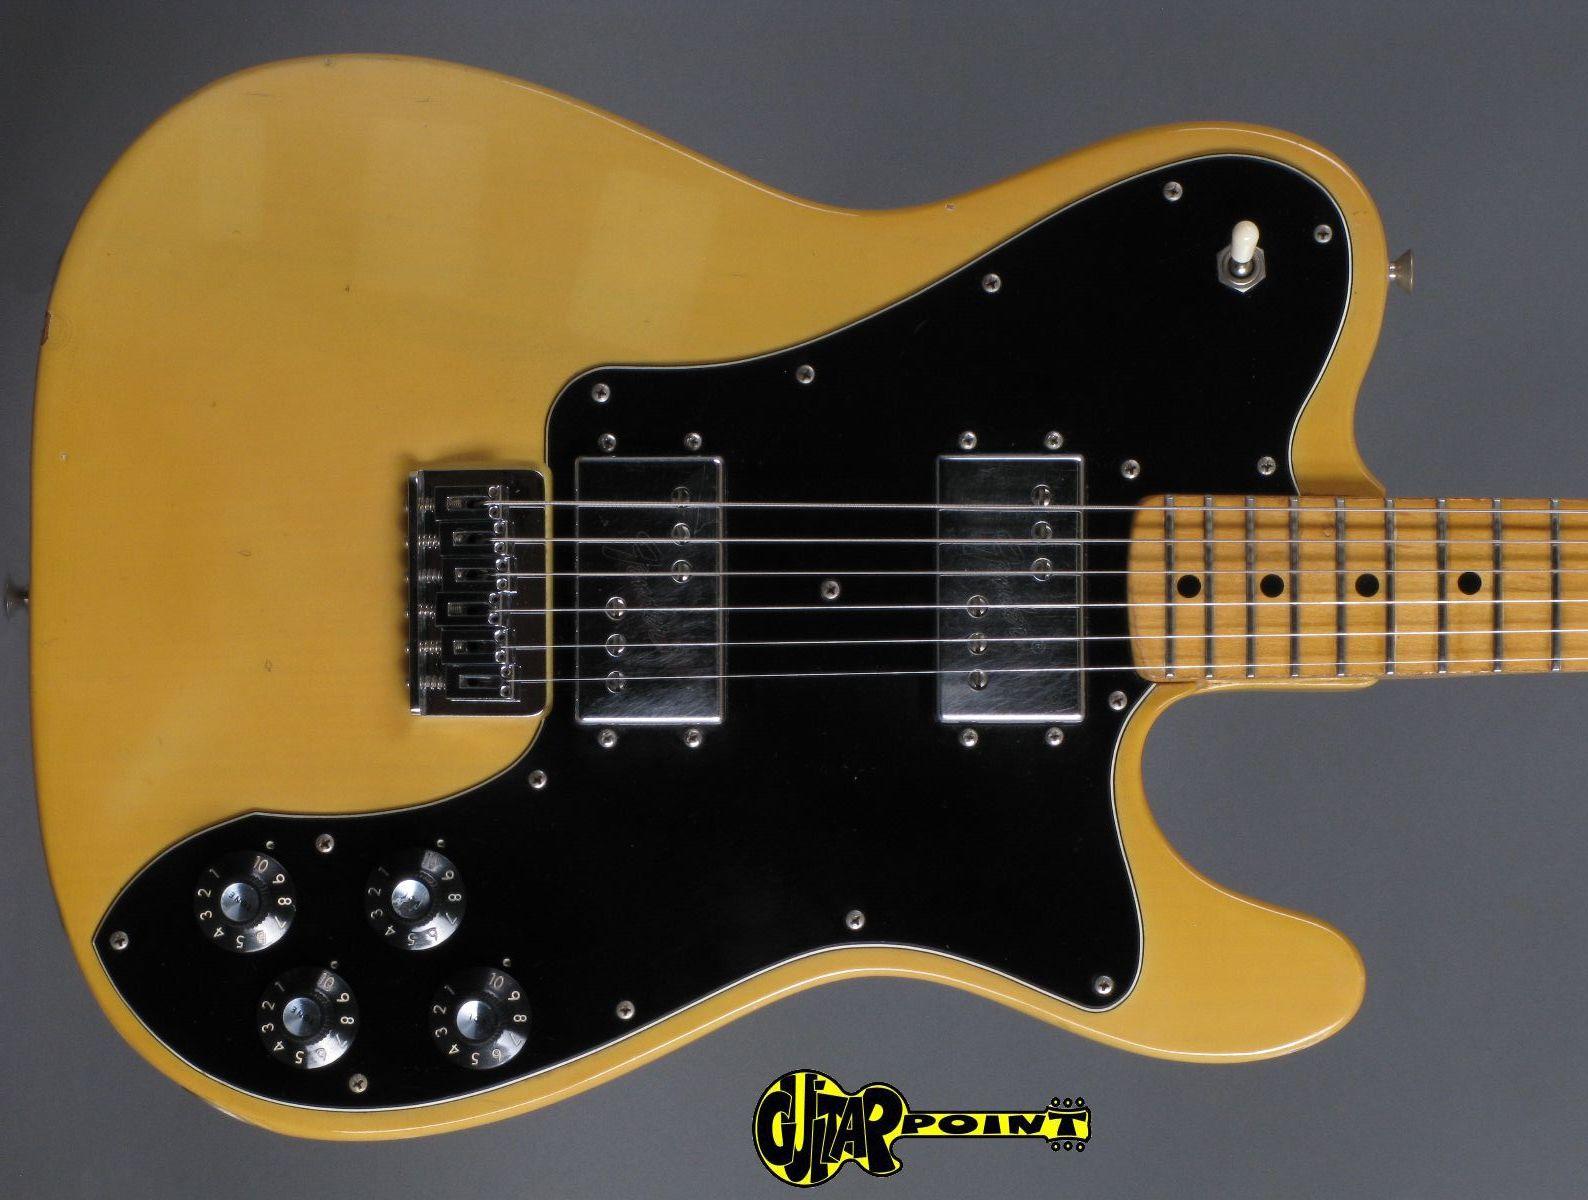 fender telecaster deluxe 1974 blond guitar for sale guitarpoint. Black Bedroom Furniture Sets. Home Design Ideas